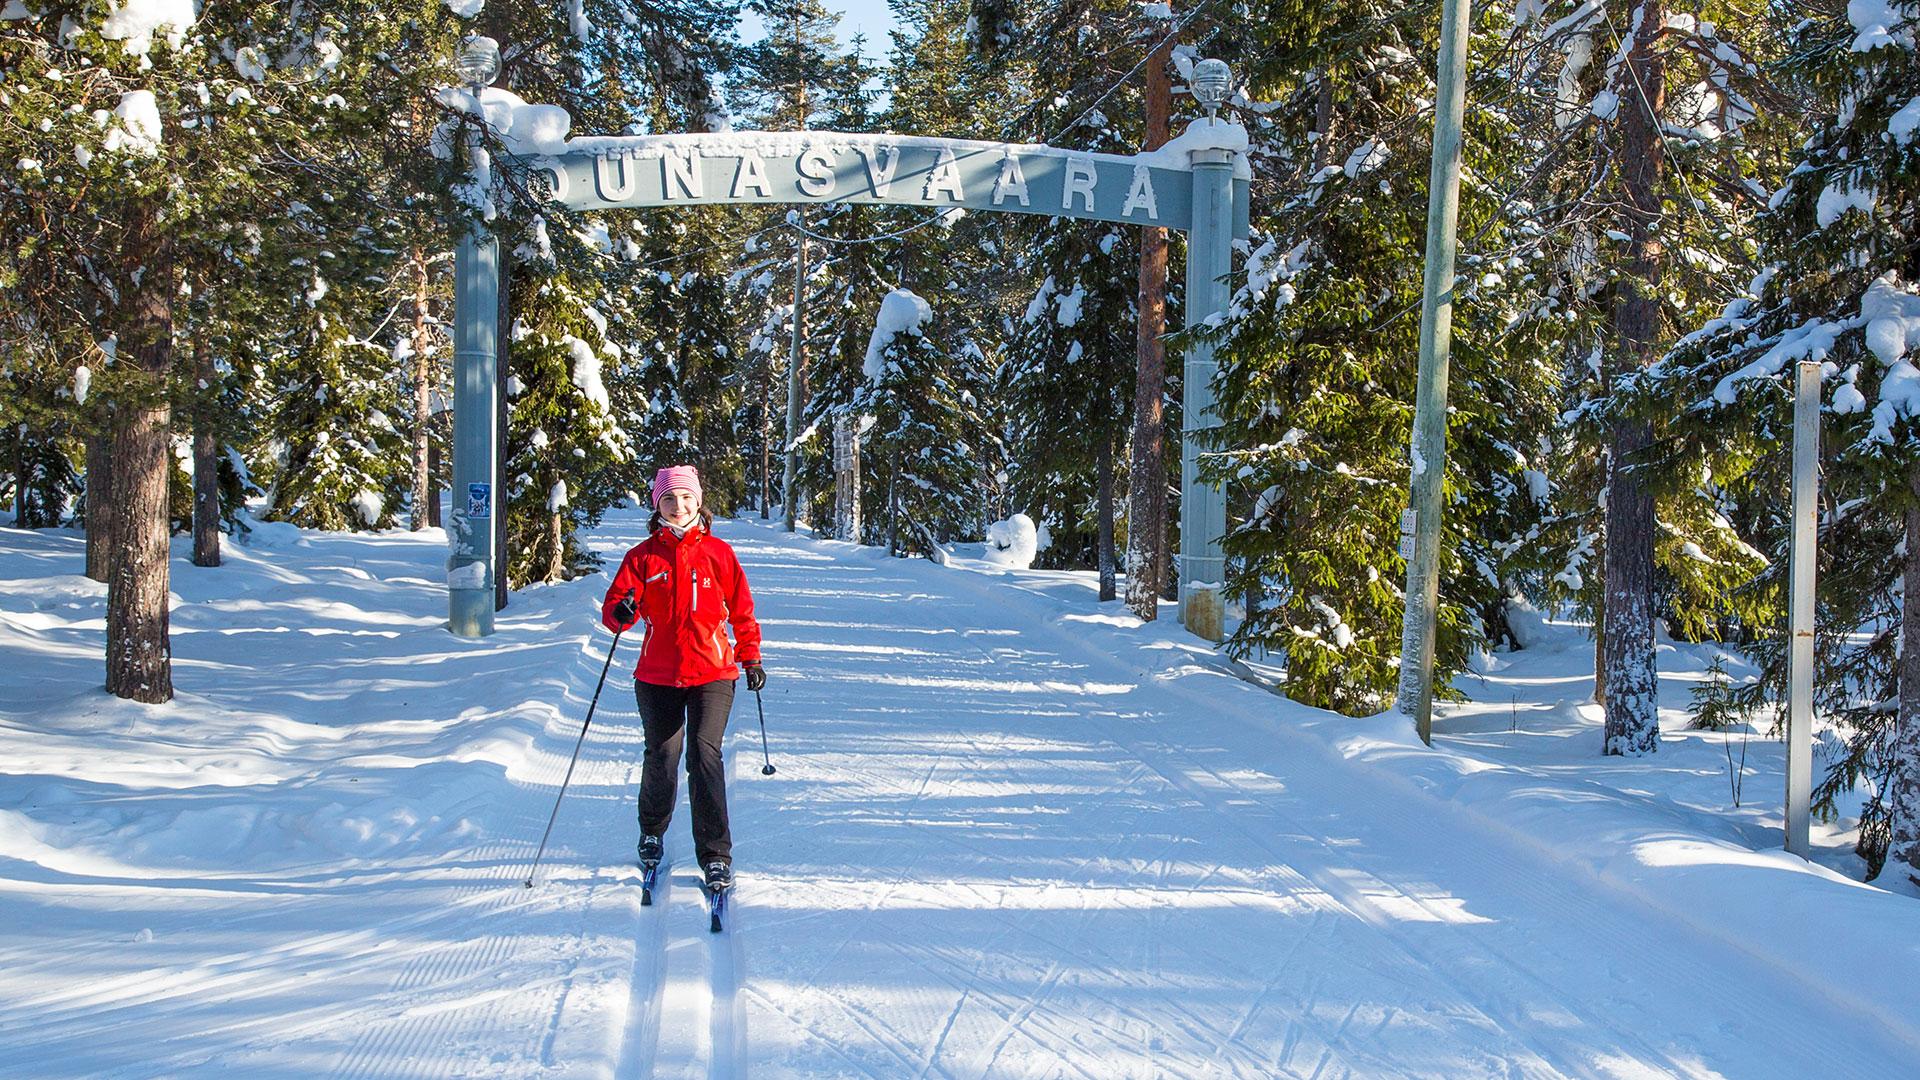 Cross-country skiing in Ounasvaara outdoor area in Rovaniemi, Lapland, Finland